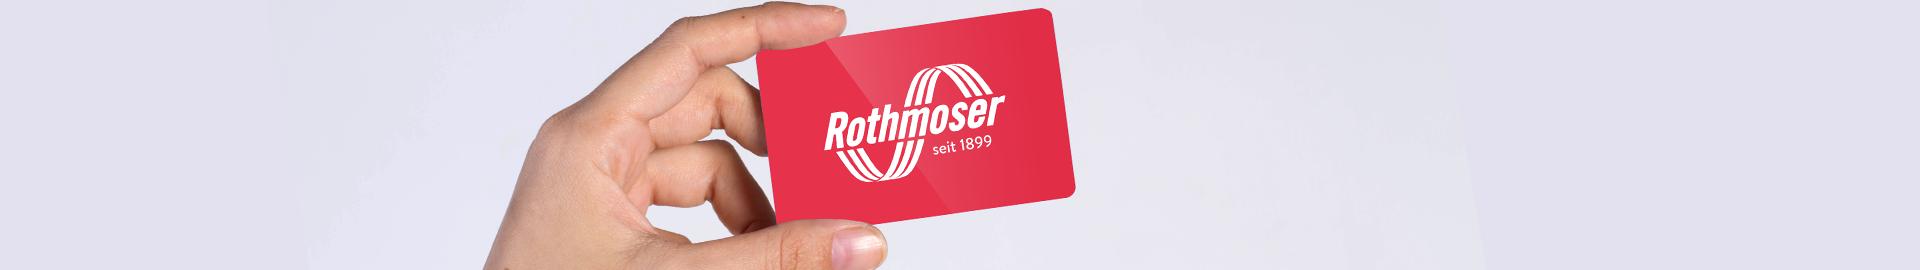 Rothmoser Autostromkarte